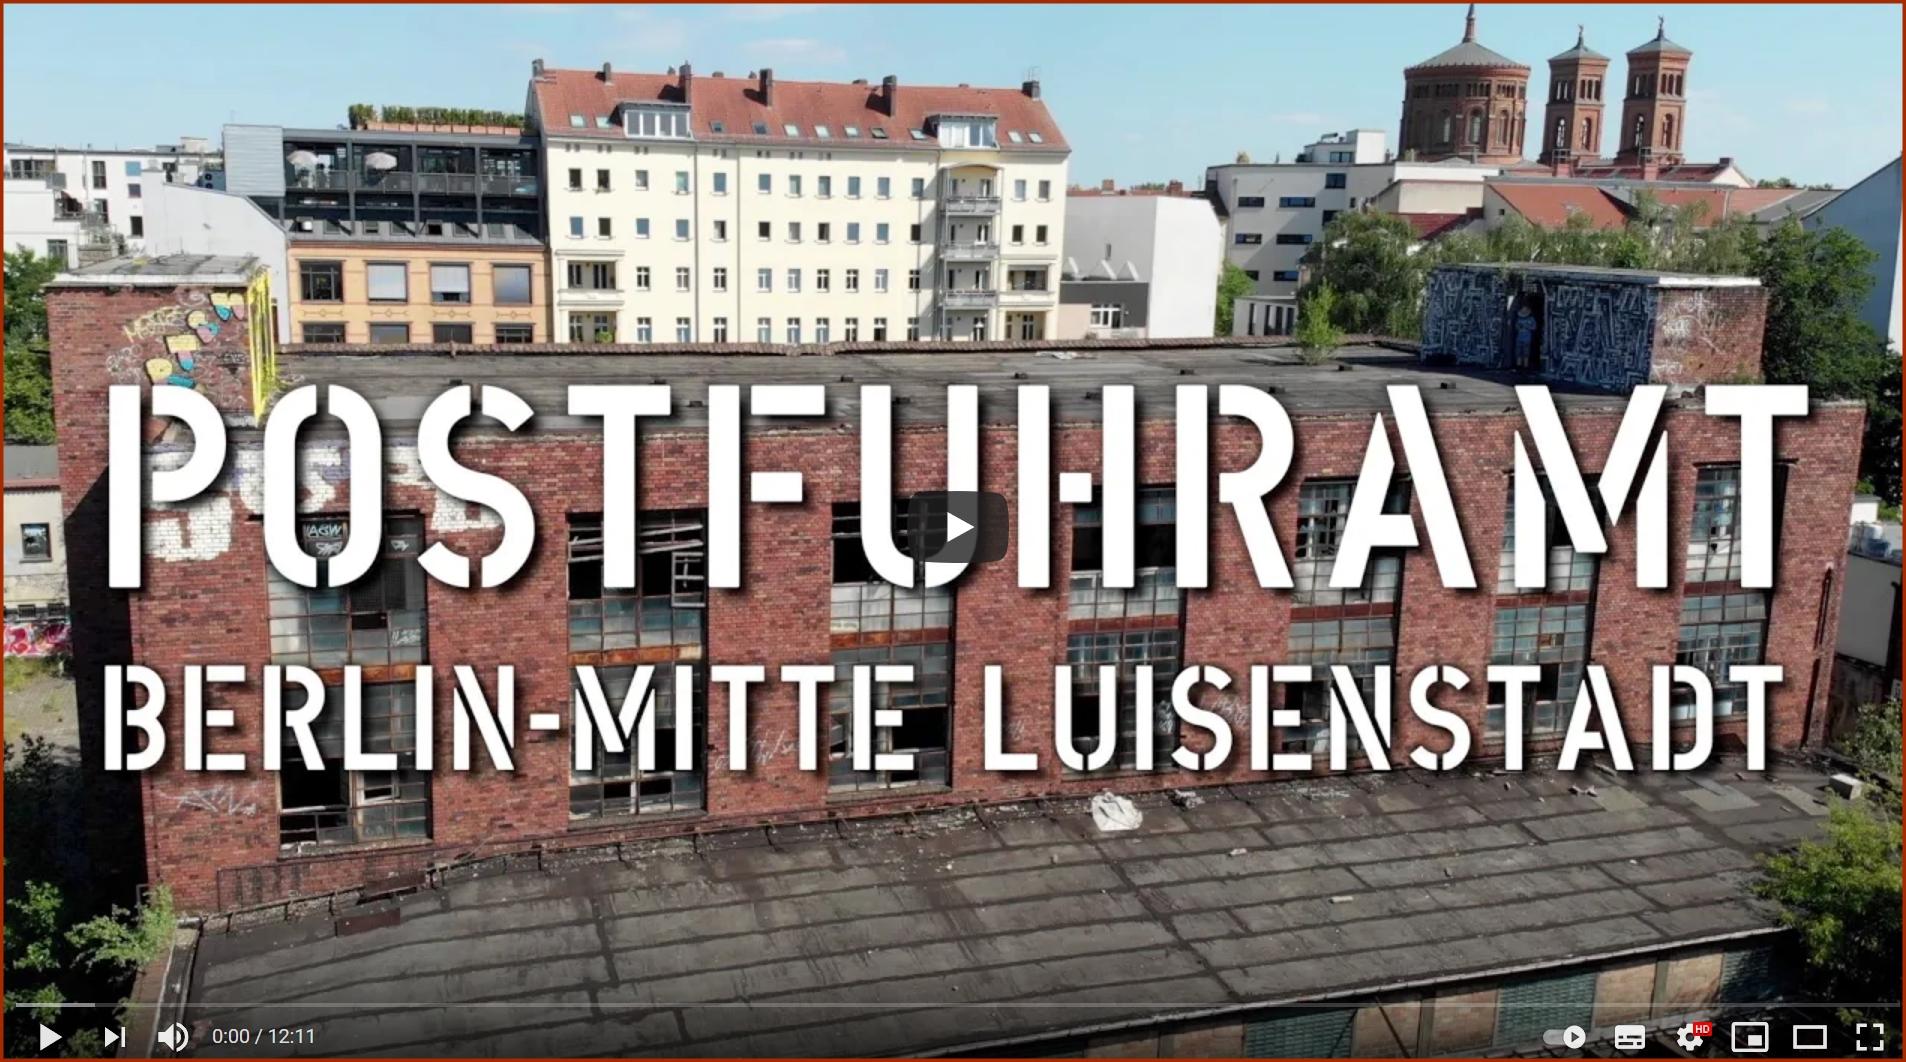 Postfuhramt YT Film